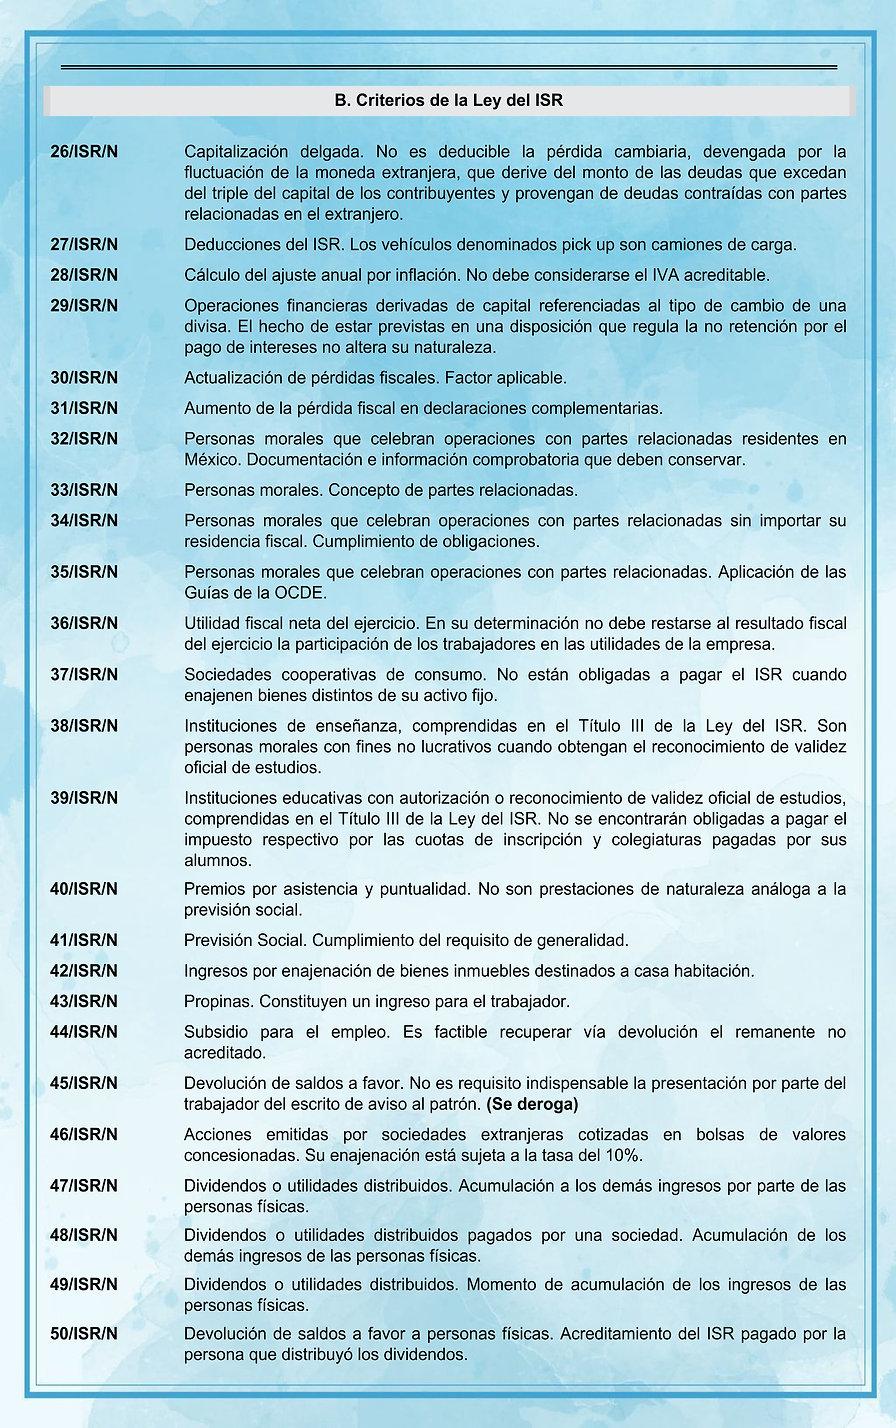 B-Criterios de la Ley de isr 2.jpg